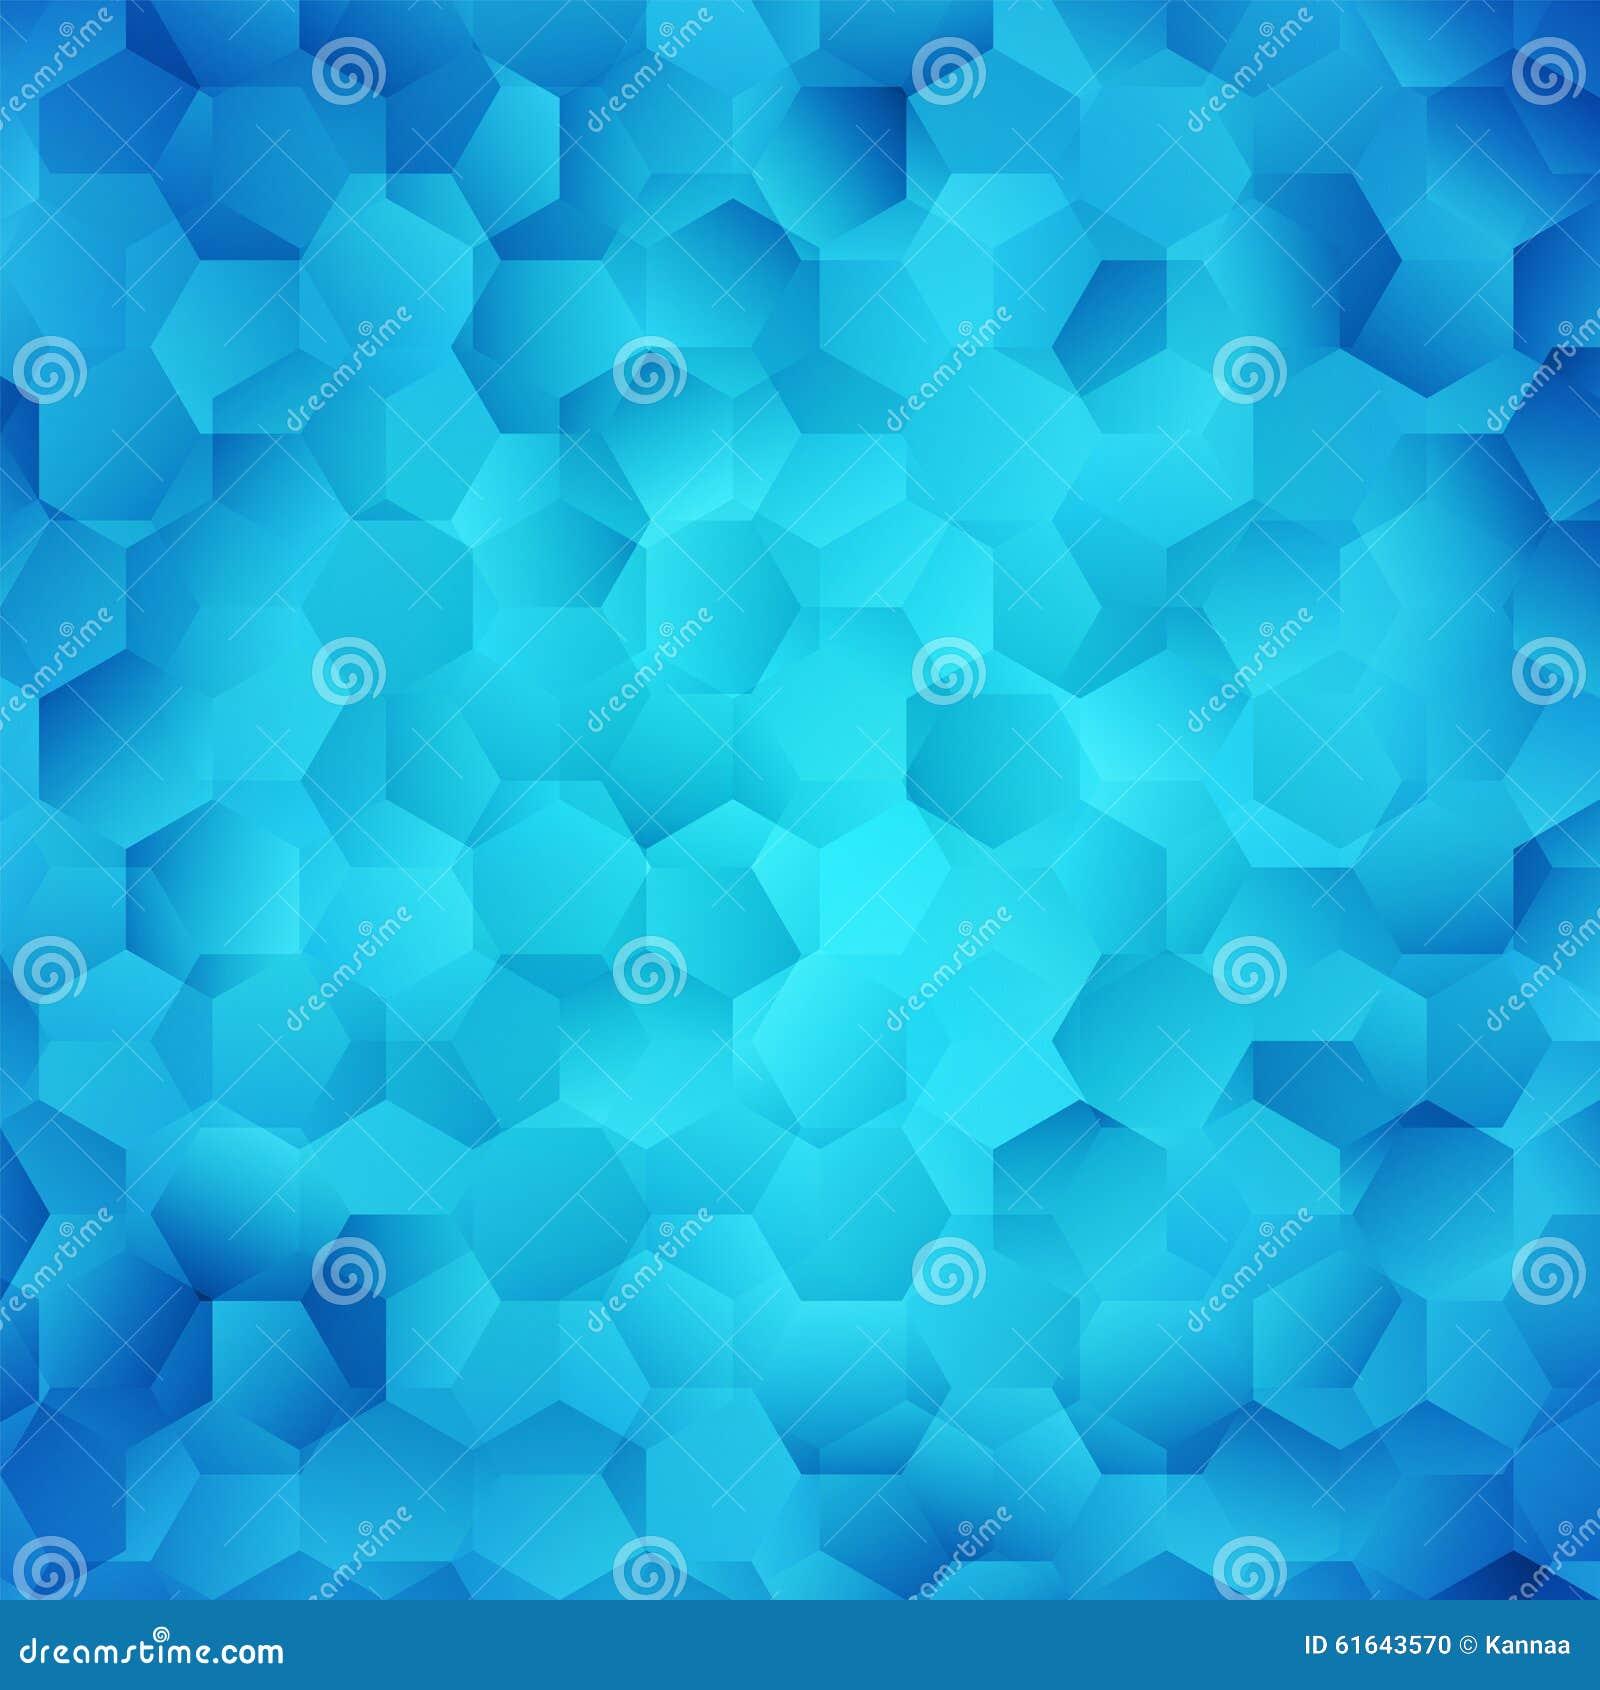 Abstract Bright Blue Wallpaper Stock Illustration Illustration